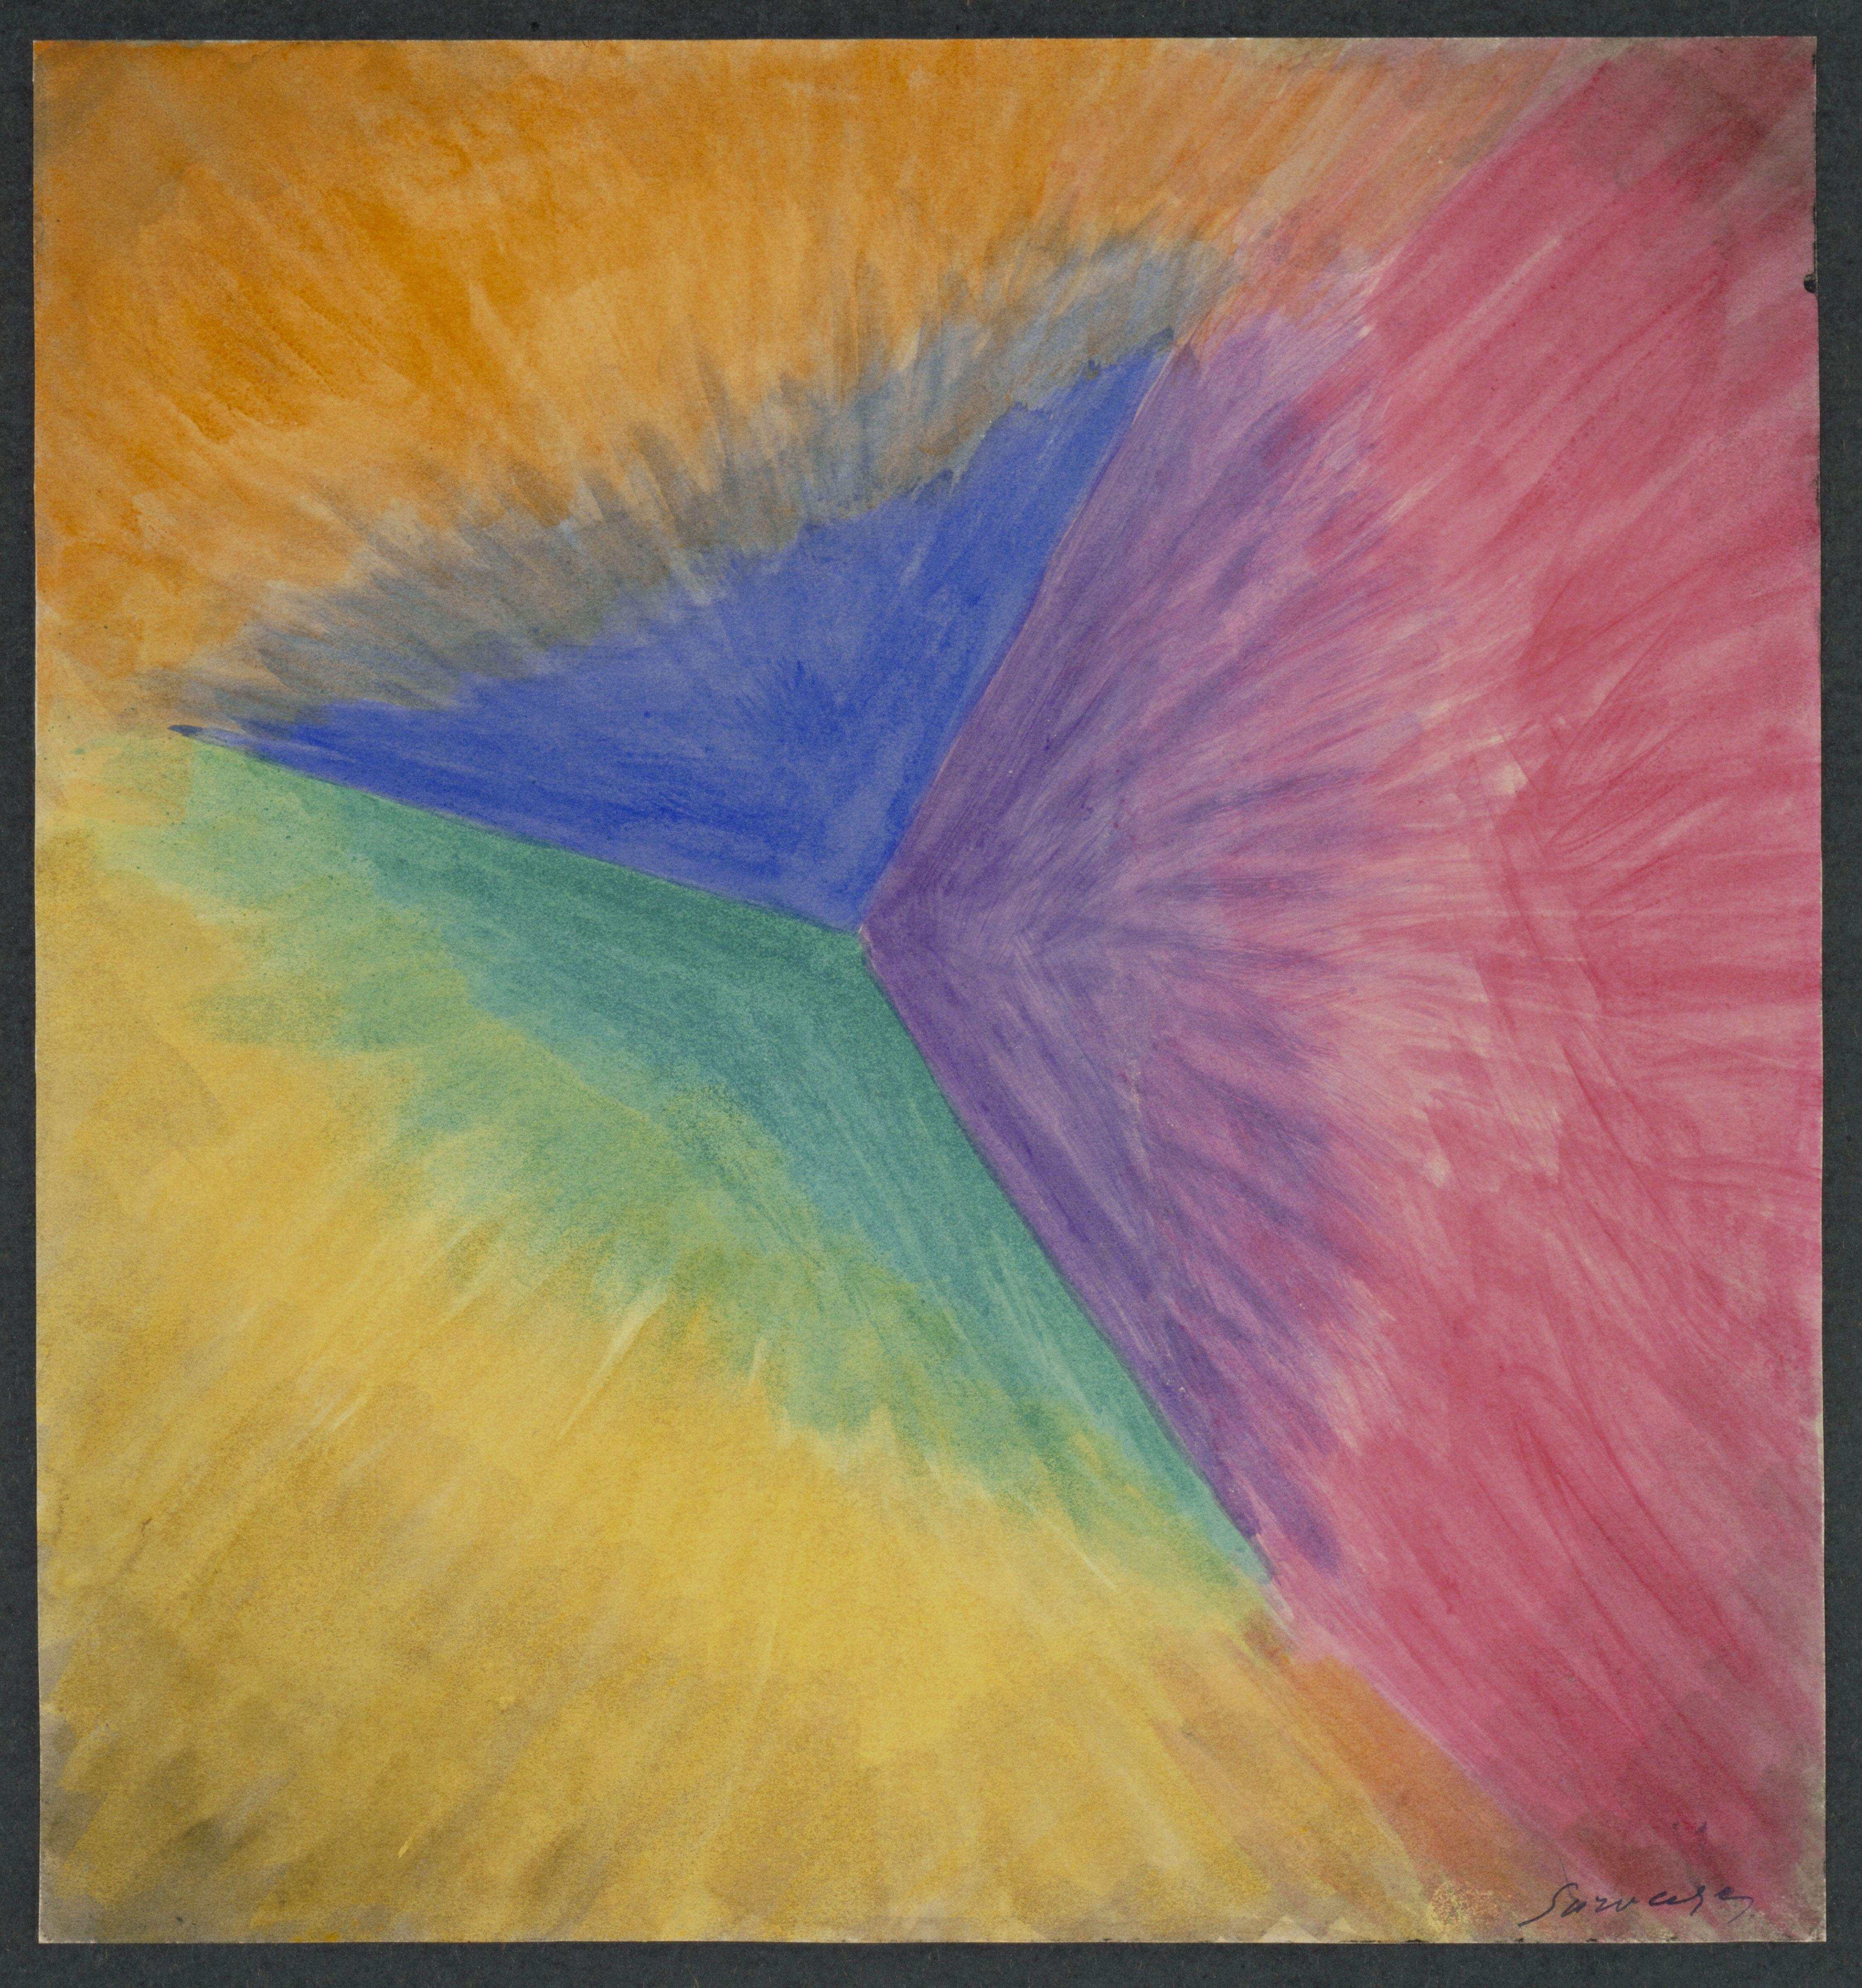 art: Leopold Survage, rythmes colorés, étude pour un film